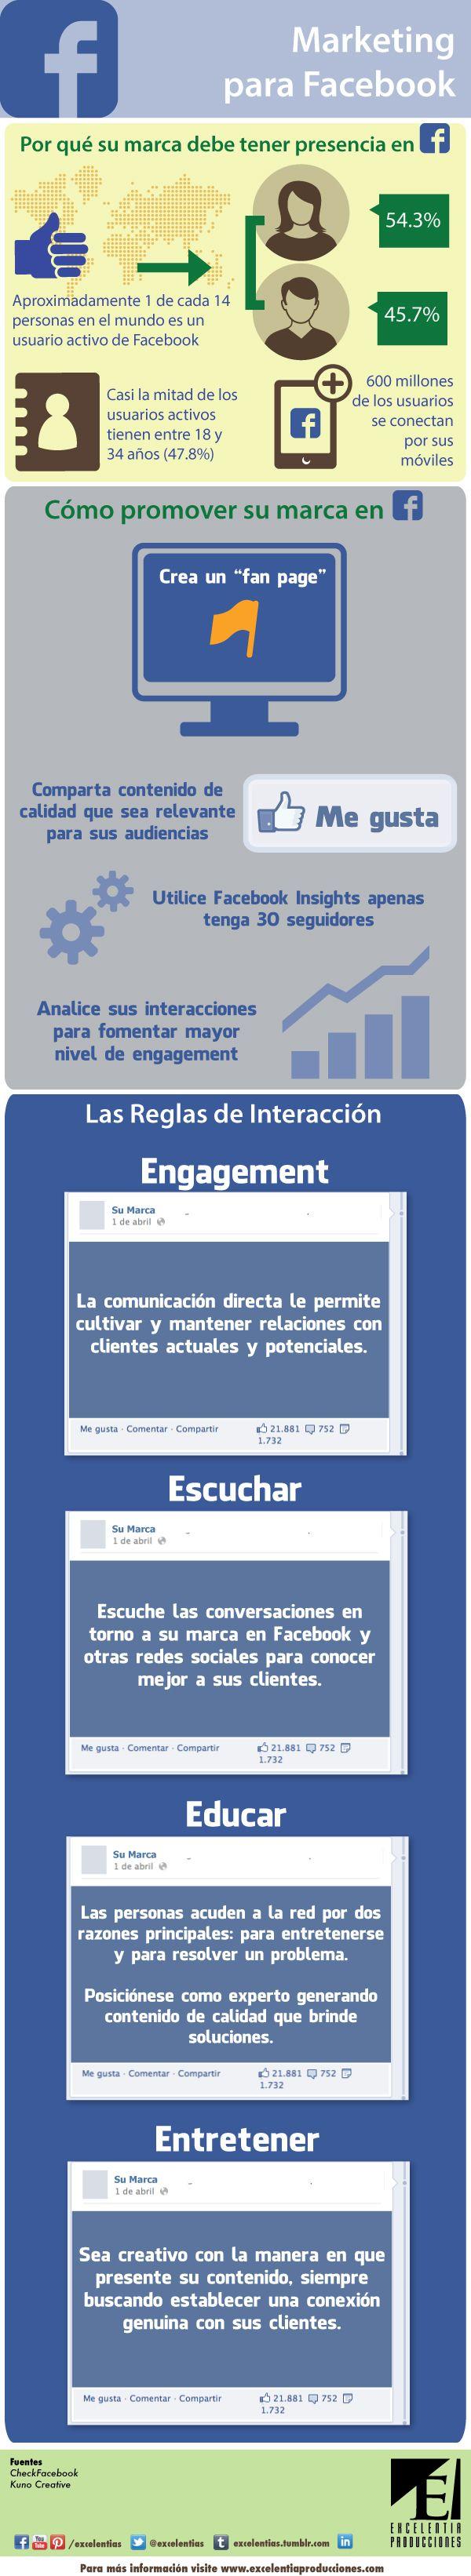 Por qué su marca debe promoverse en Facebook. Cómo hacerlo y las reglas de interacción. Crédito: Excelentia Producciones